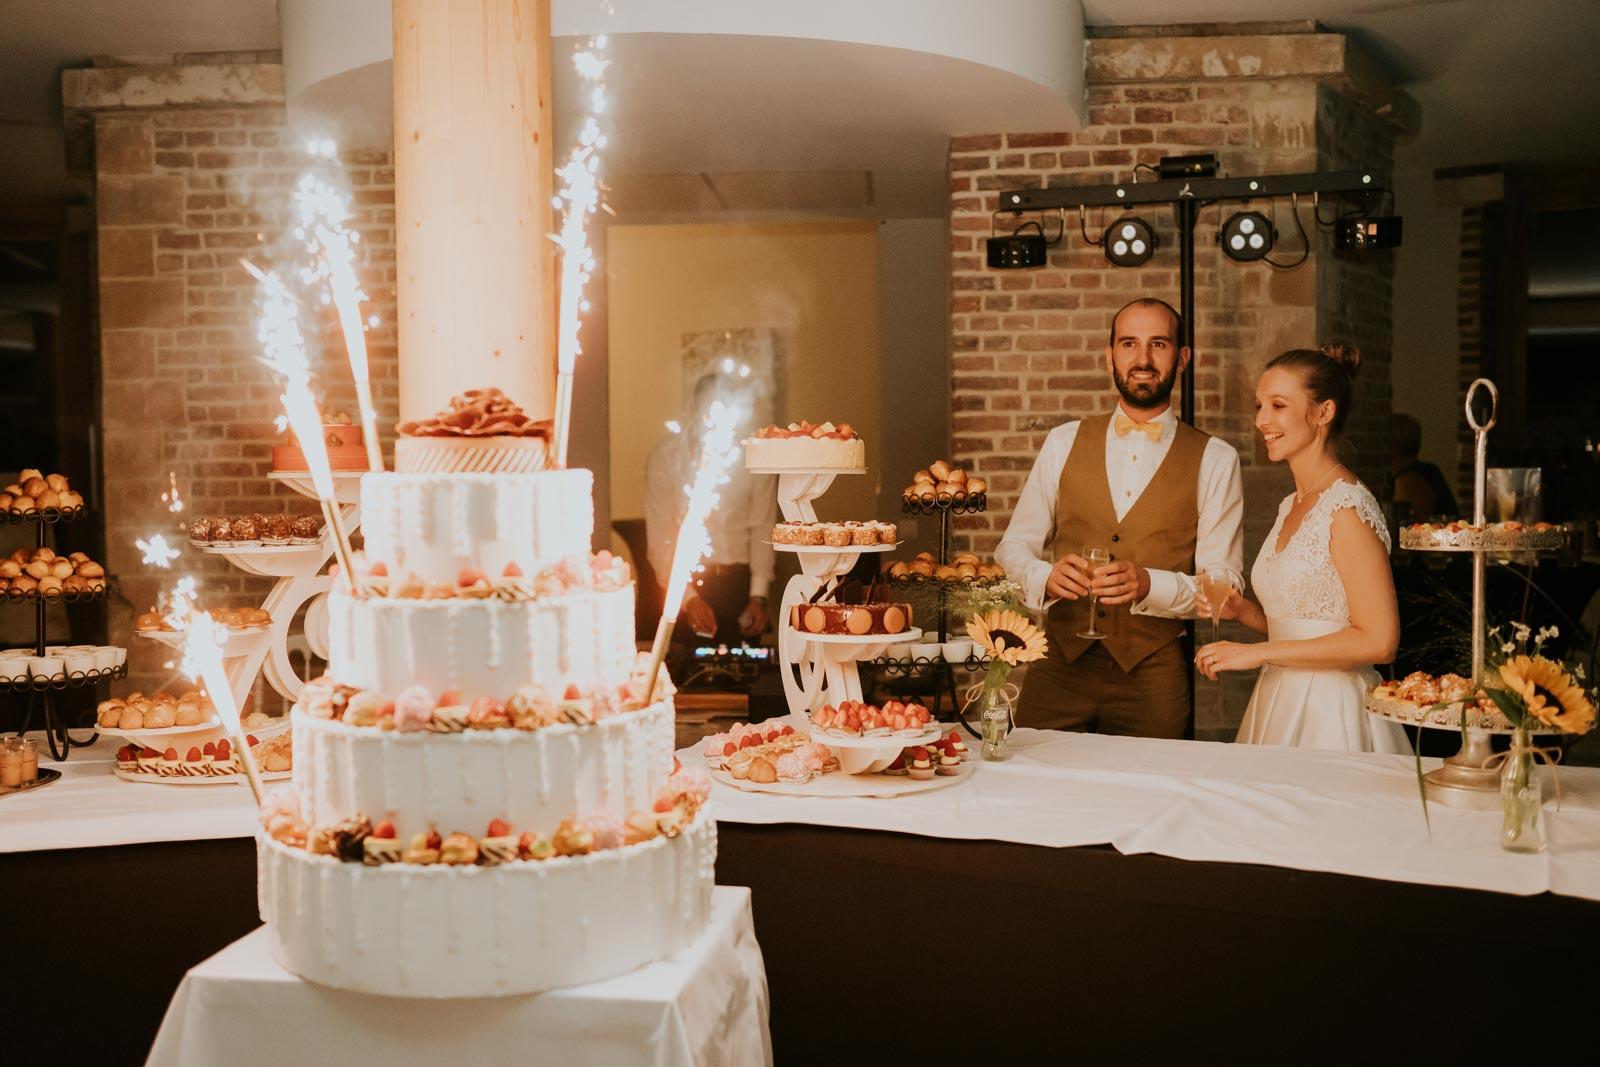 Présentation du dessert - Chateau de Morbecque…